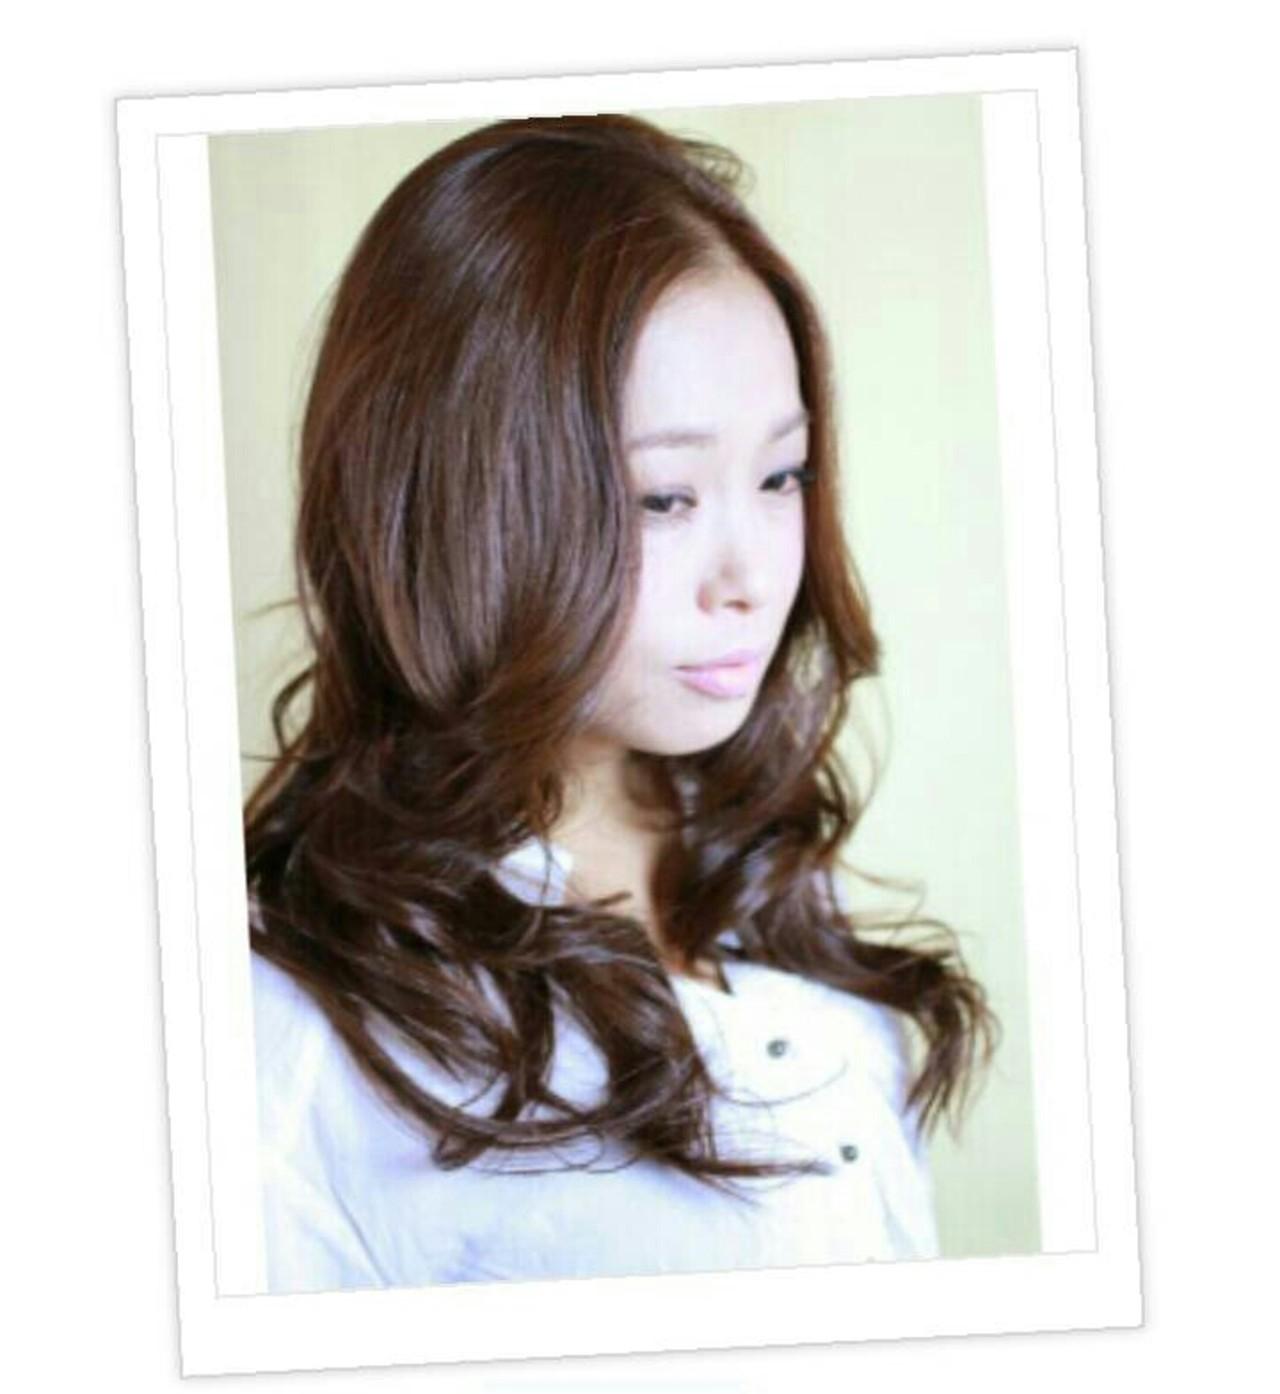 セミロング かわいい モテ髪 大人かわいい ヘアスタイルや髪型の写真・画像